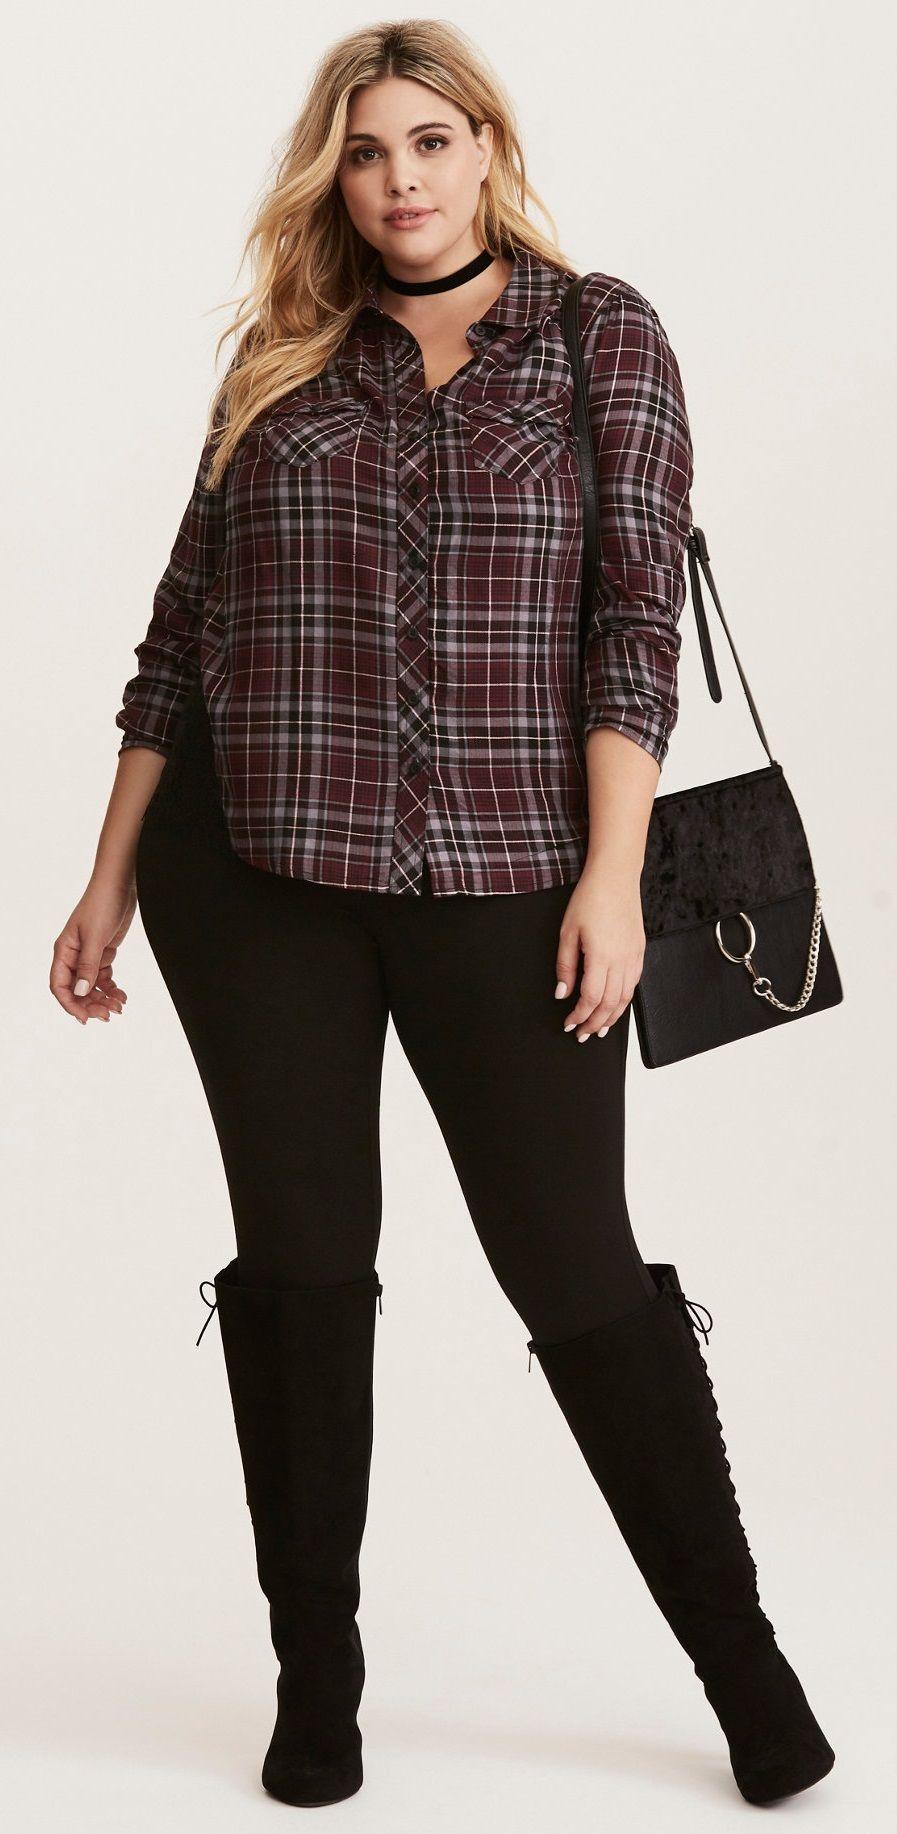 Plus size flannel shirt dress  Plus Size Camp Shirt  Plus Size Fall Outfit  Plus Size Fashion for